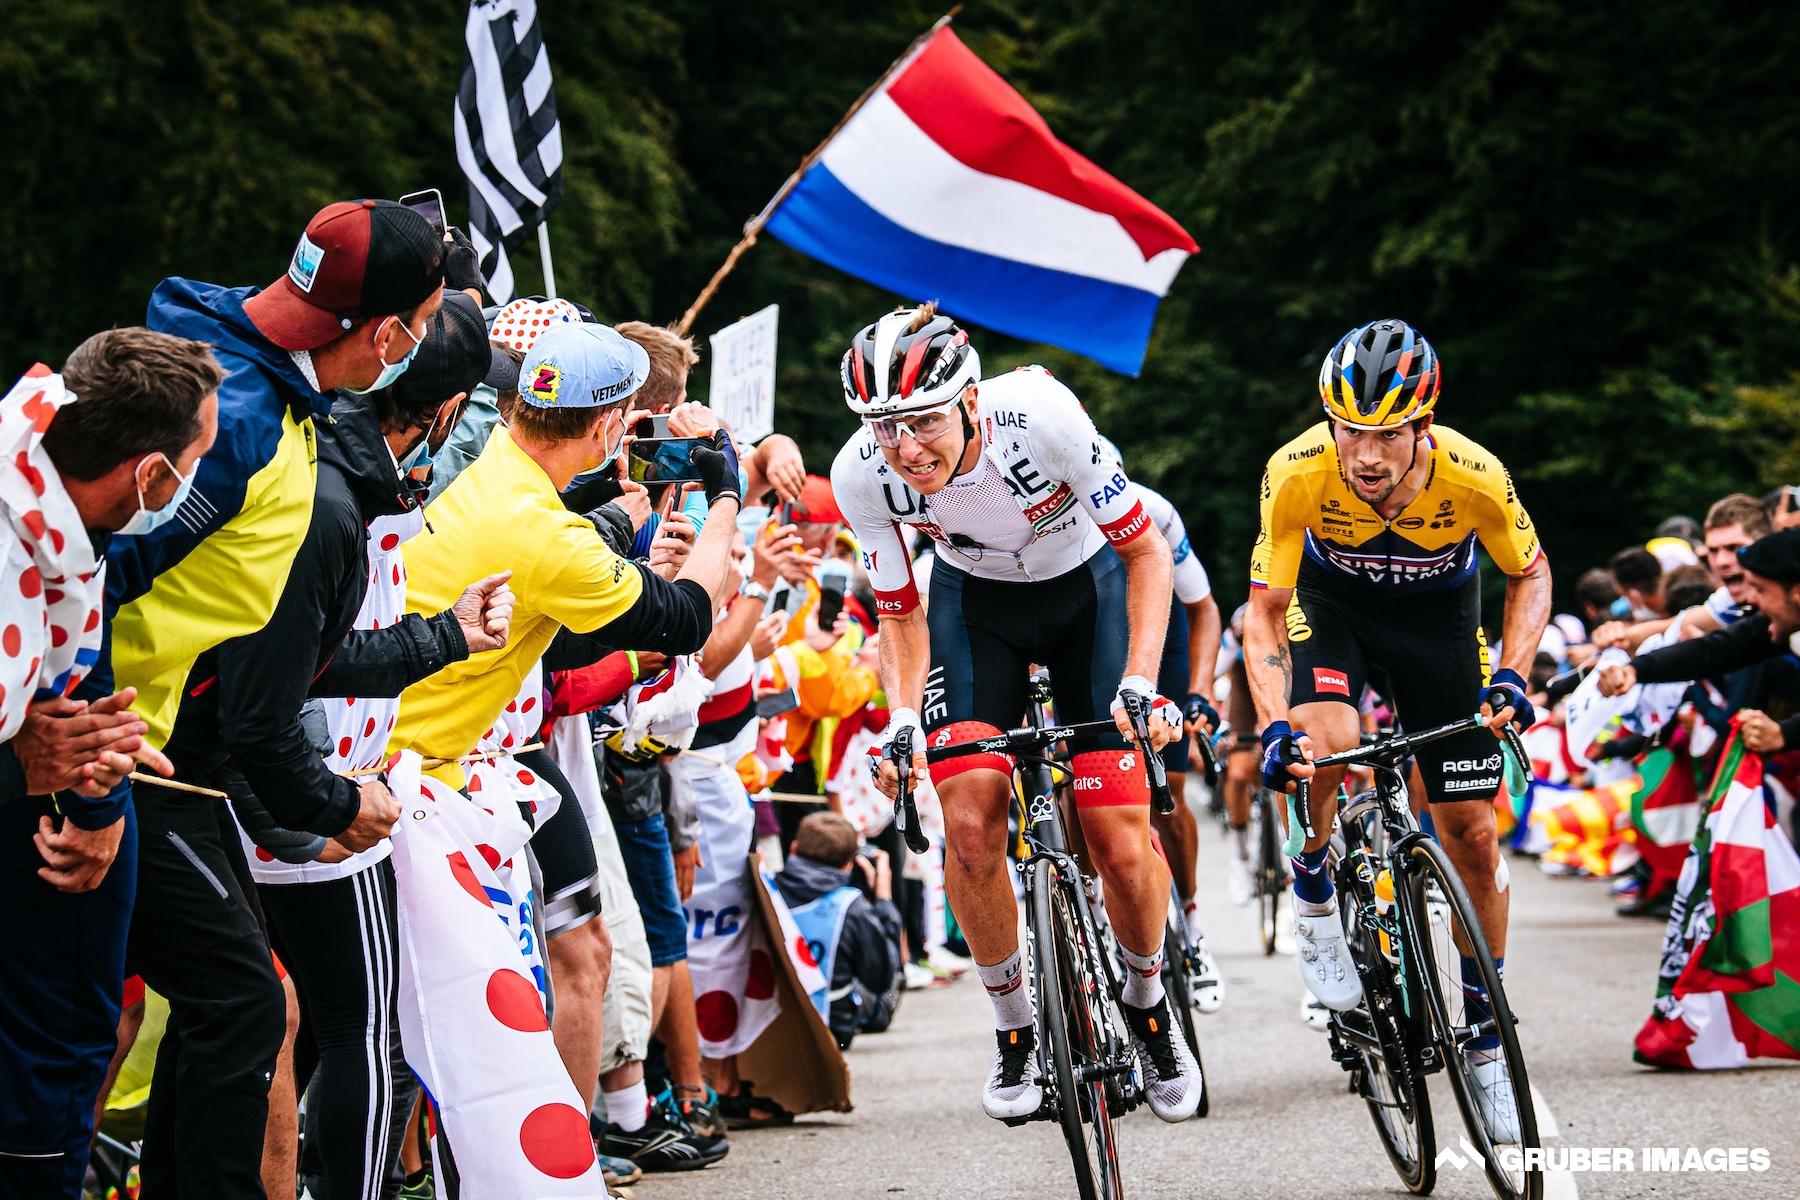 Dit gaat er gebeuren (denken we) in de Tour de France